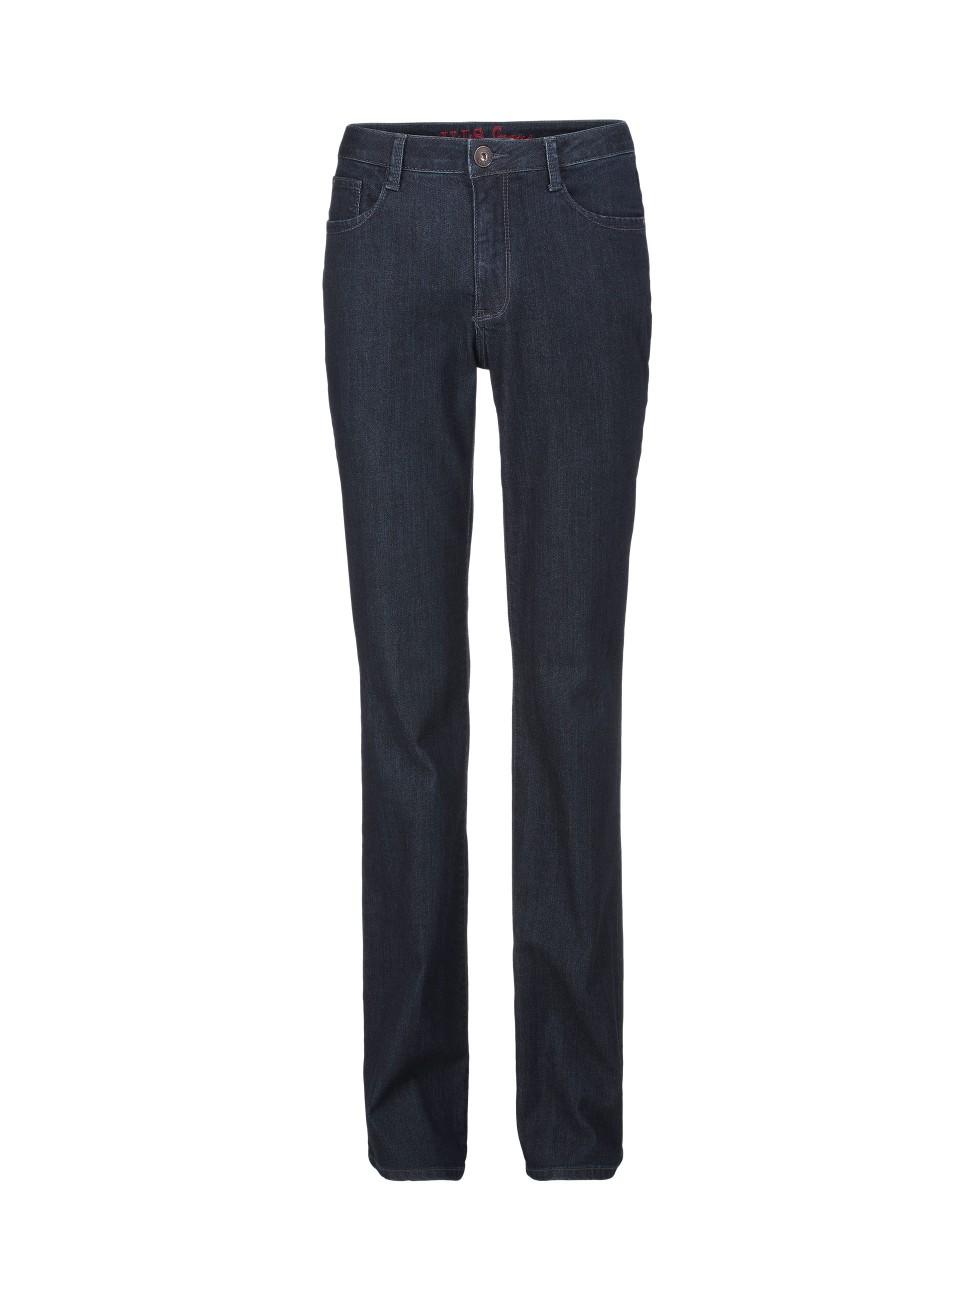 Damen Jeans Sonderposten Sunny verschiedene Waschungen